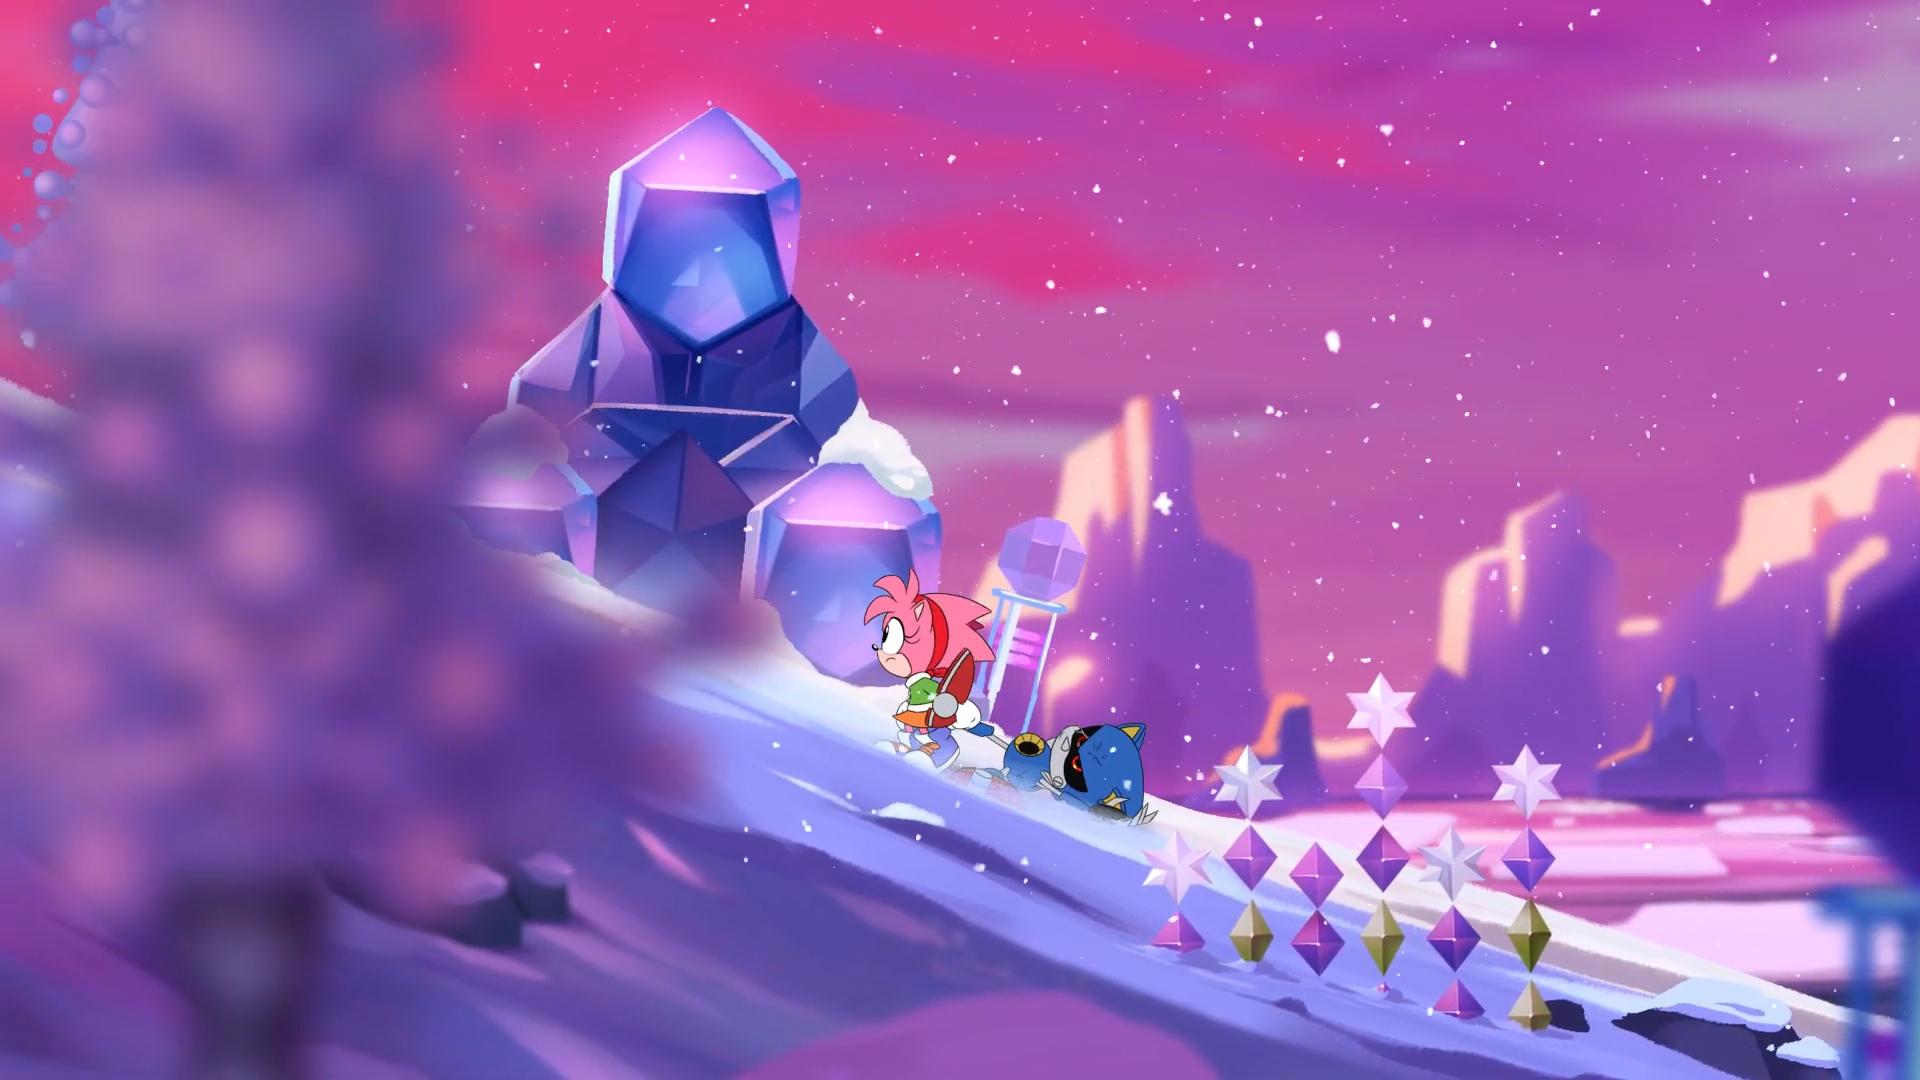 IceCap Zone (Classic Sonic's world)